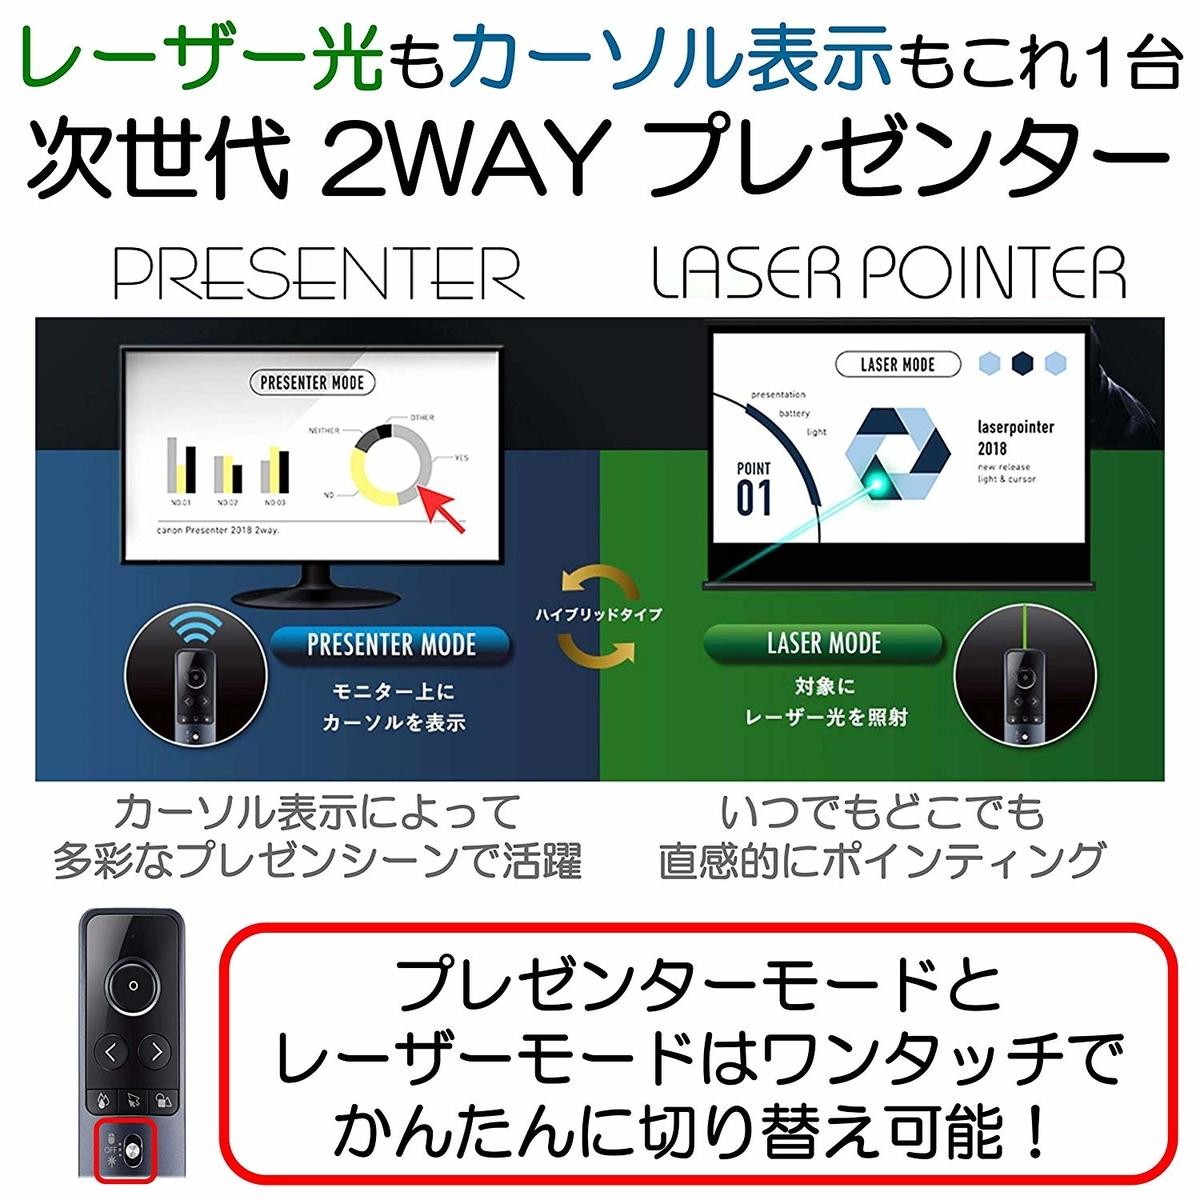 f:id:fumihiro1192:20190321175225j:plain